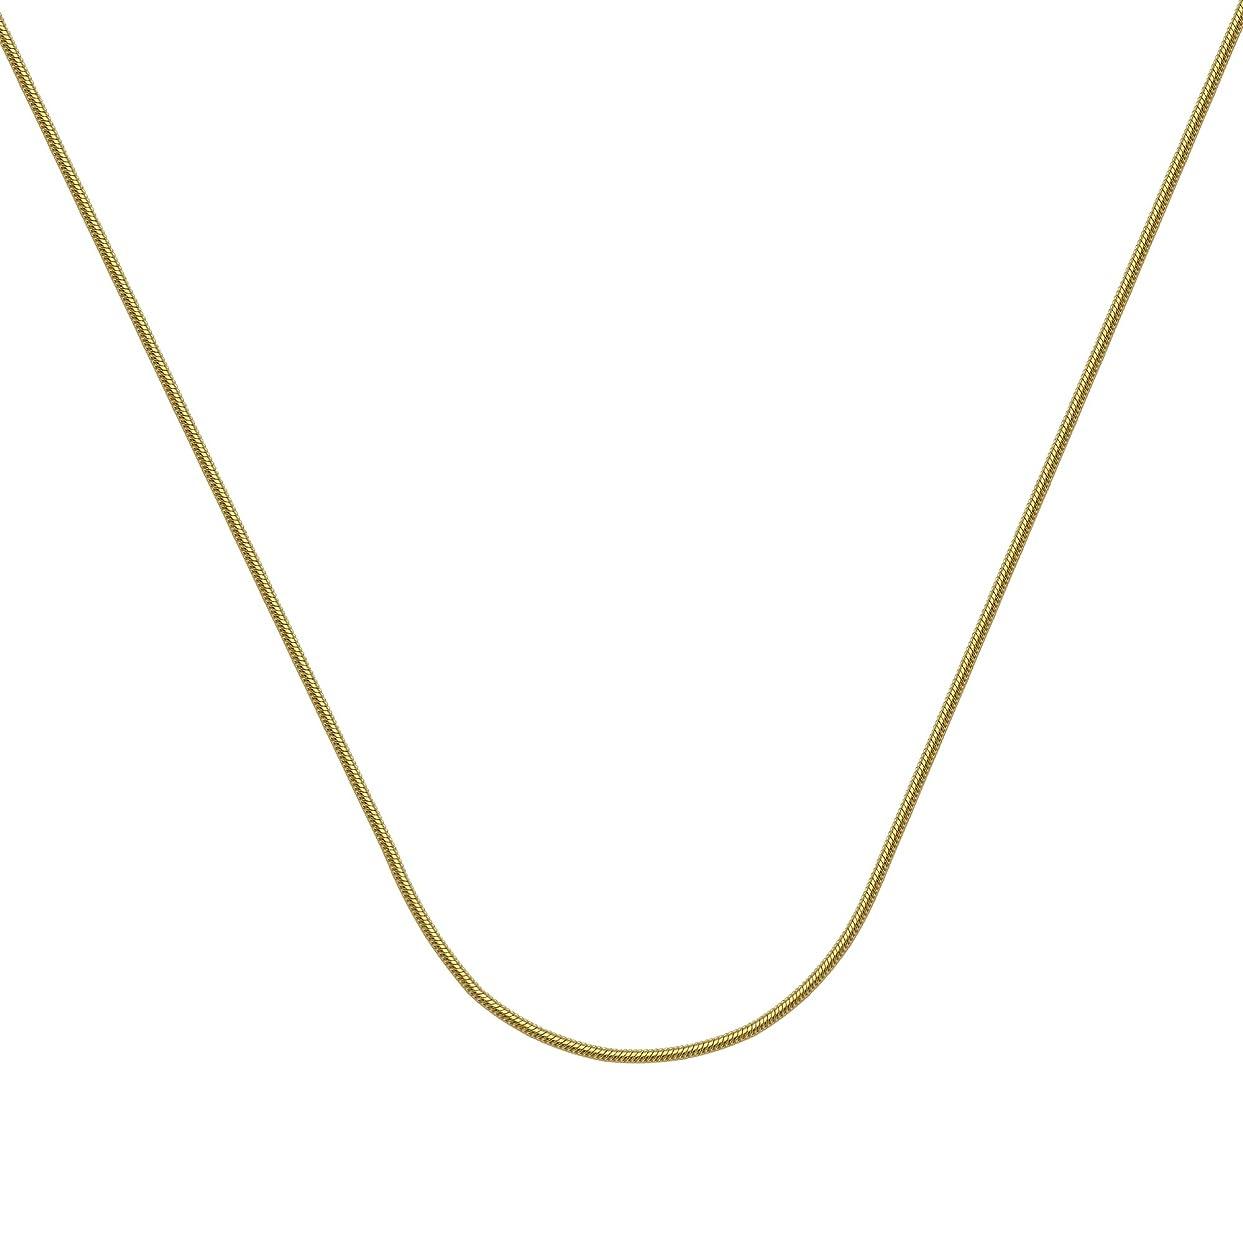 冷淡なチェリーハグスネークチェーン 14Kt ゴールドスネークチェーン ロブスターロック付き 長さ16インチ